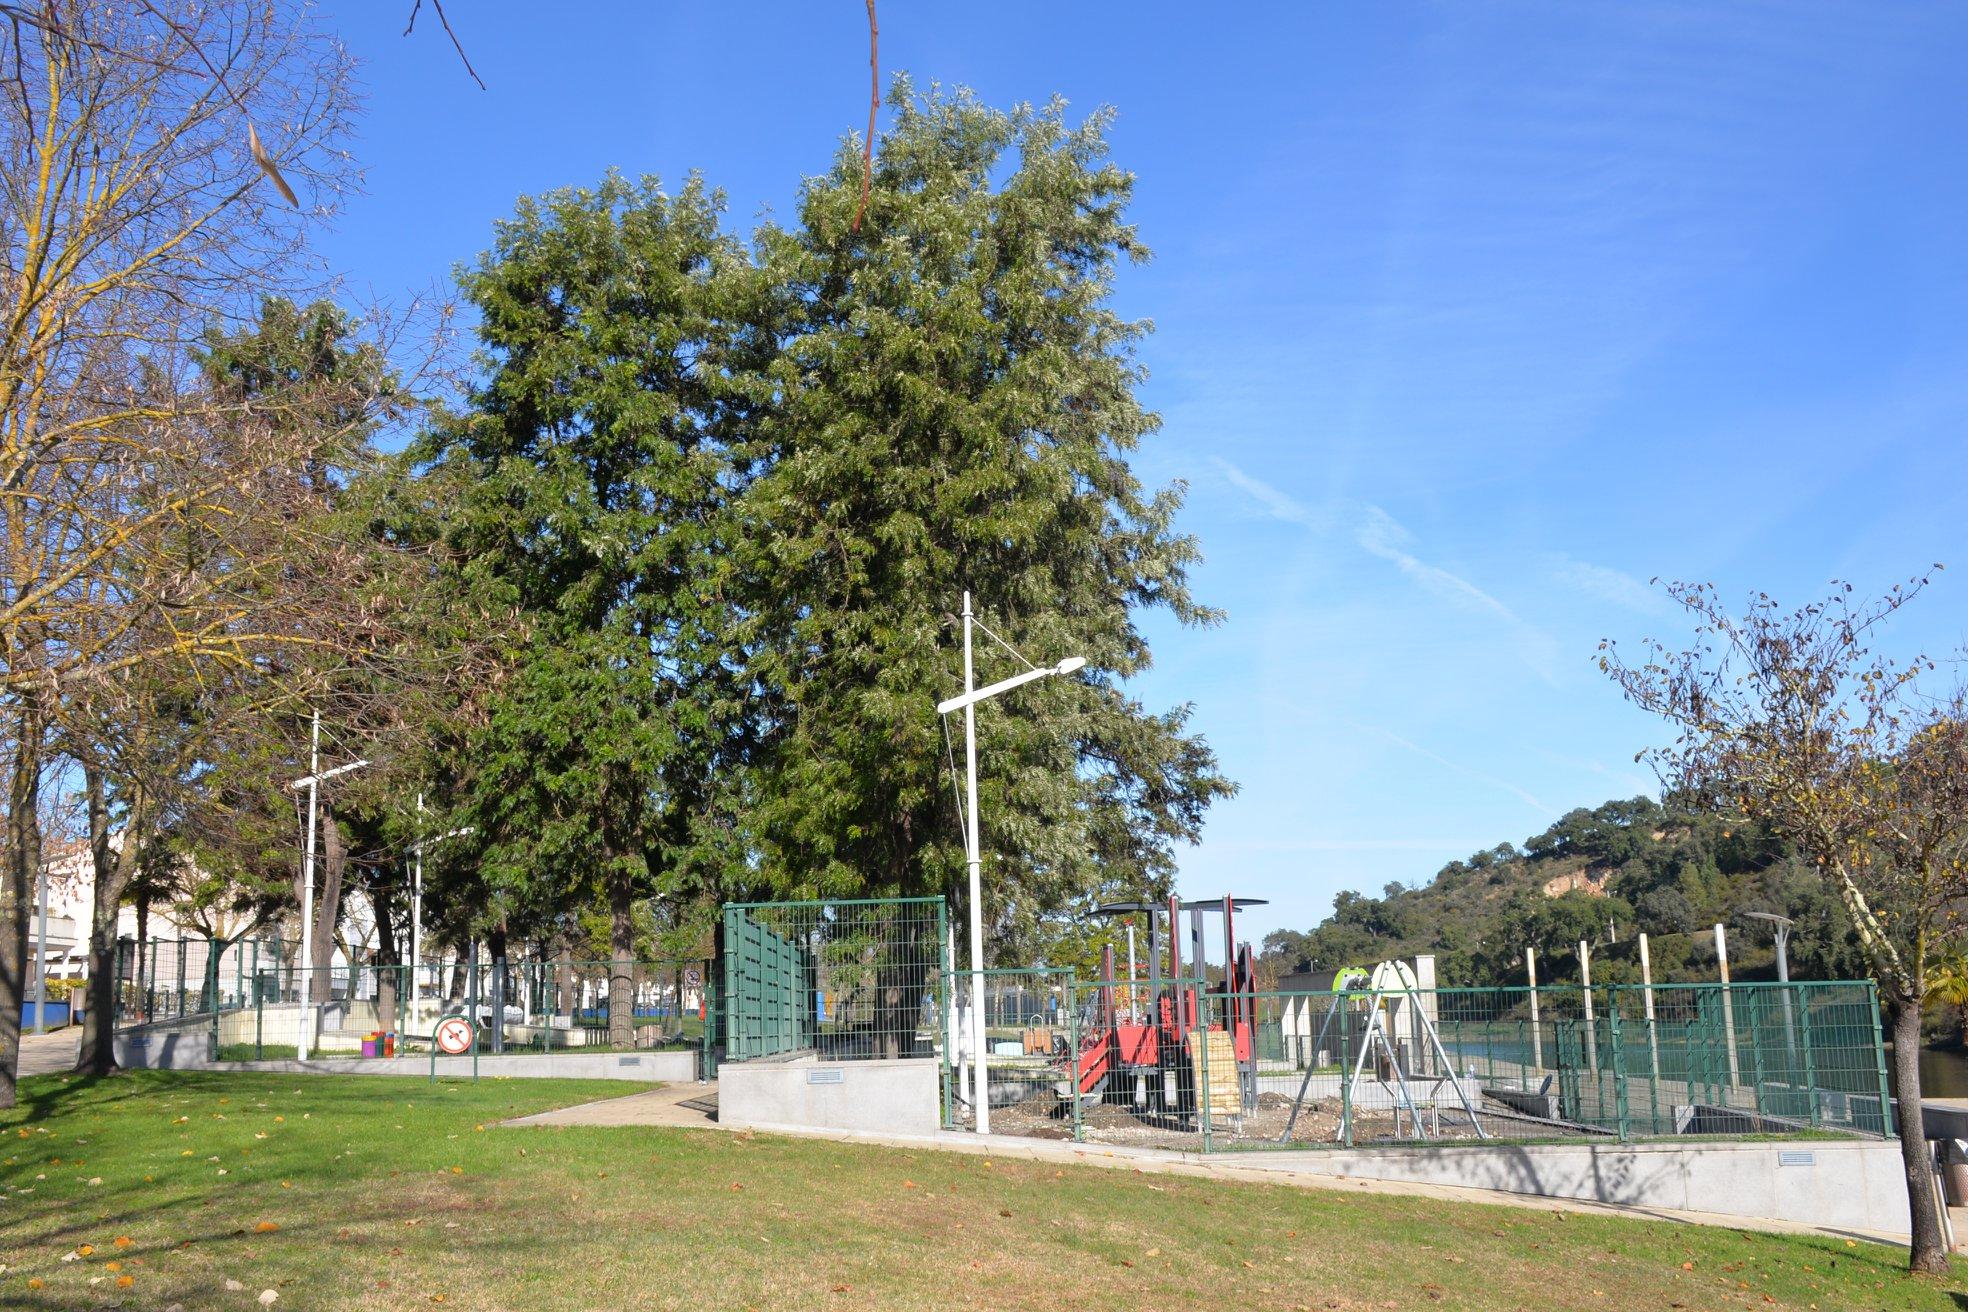 Parque Infantil da Zona Ribeirinha renovado